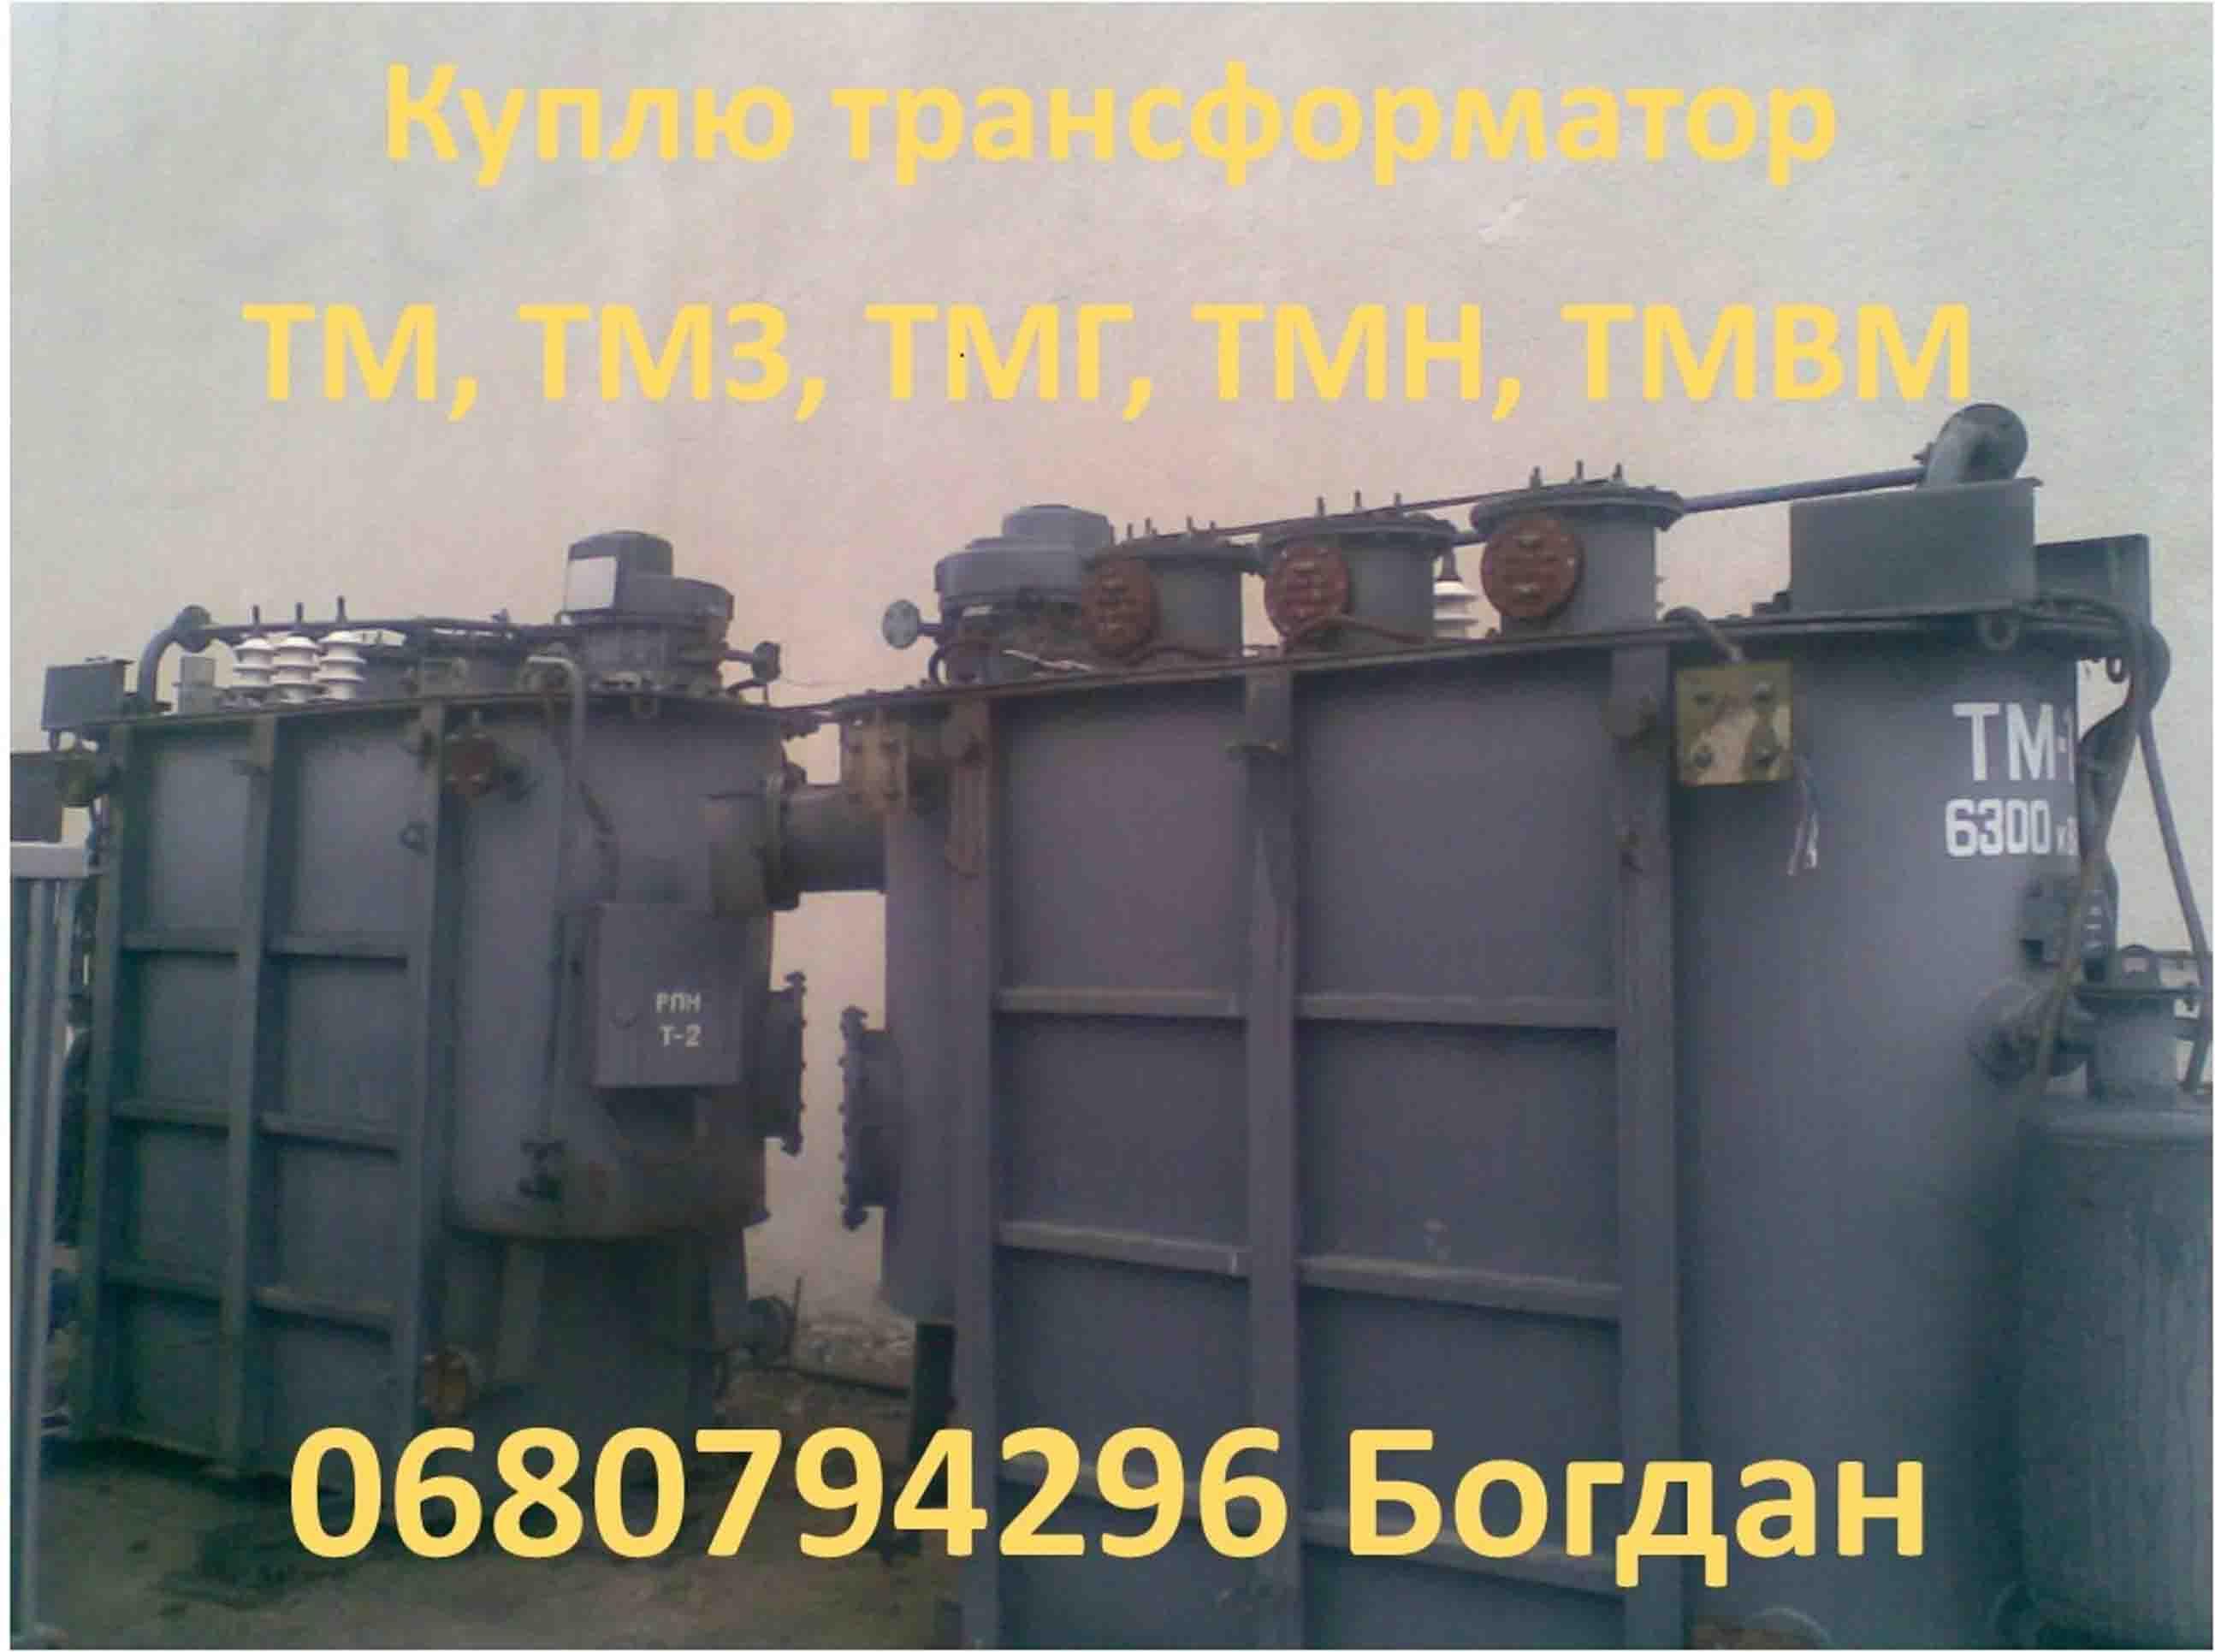 Трансформаторы Б/У ТМ, ТМН, ТМЗ, ТМГ, ТДН фото 1